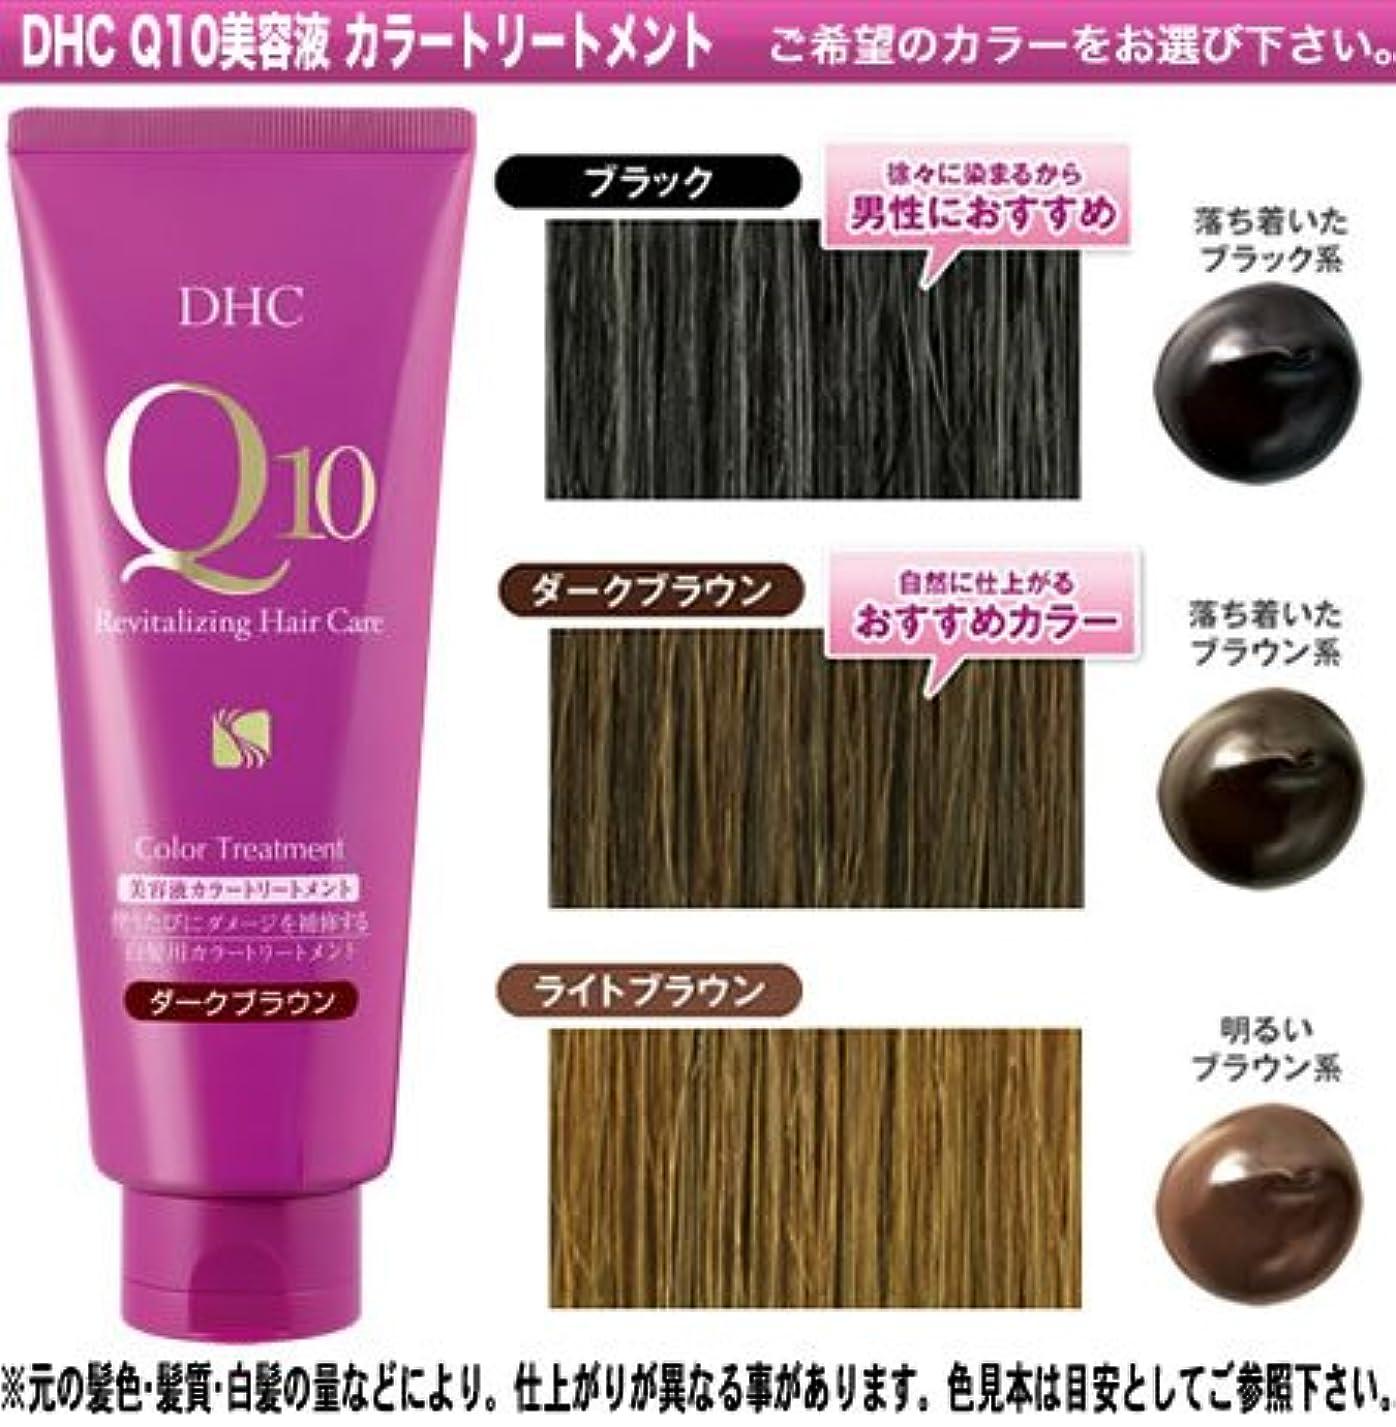 中性マーチャンダイザー白内障DHC Q10美容液 カラートリートメント ブラック 235g